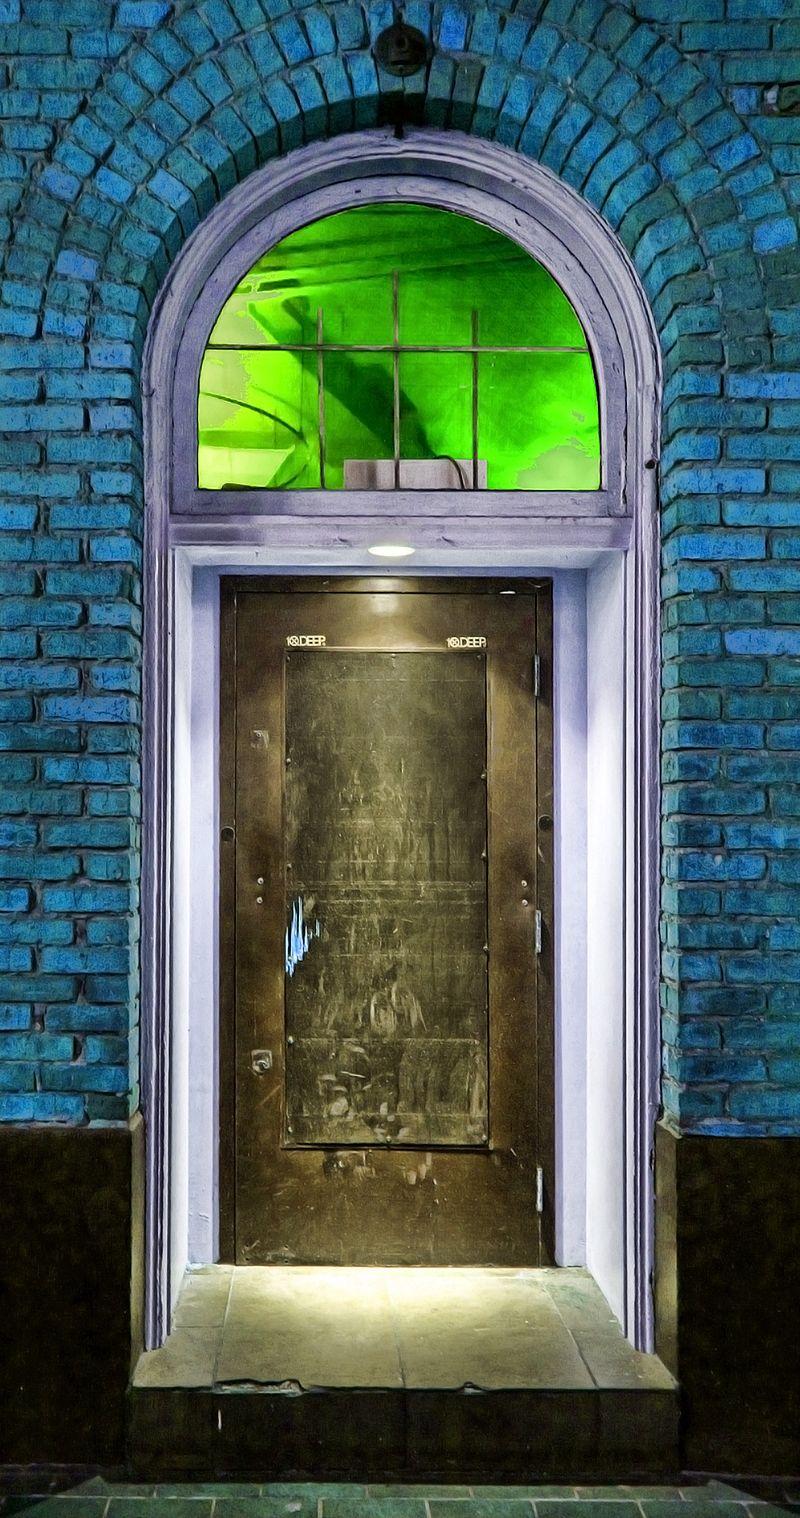 800px-Door_in_Gastown_%284747097467%29.jpg